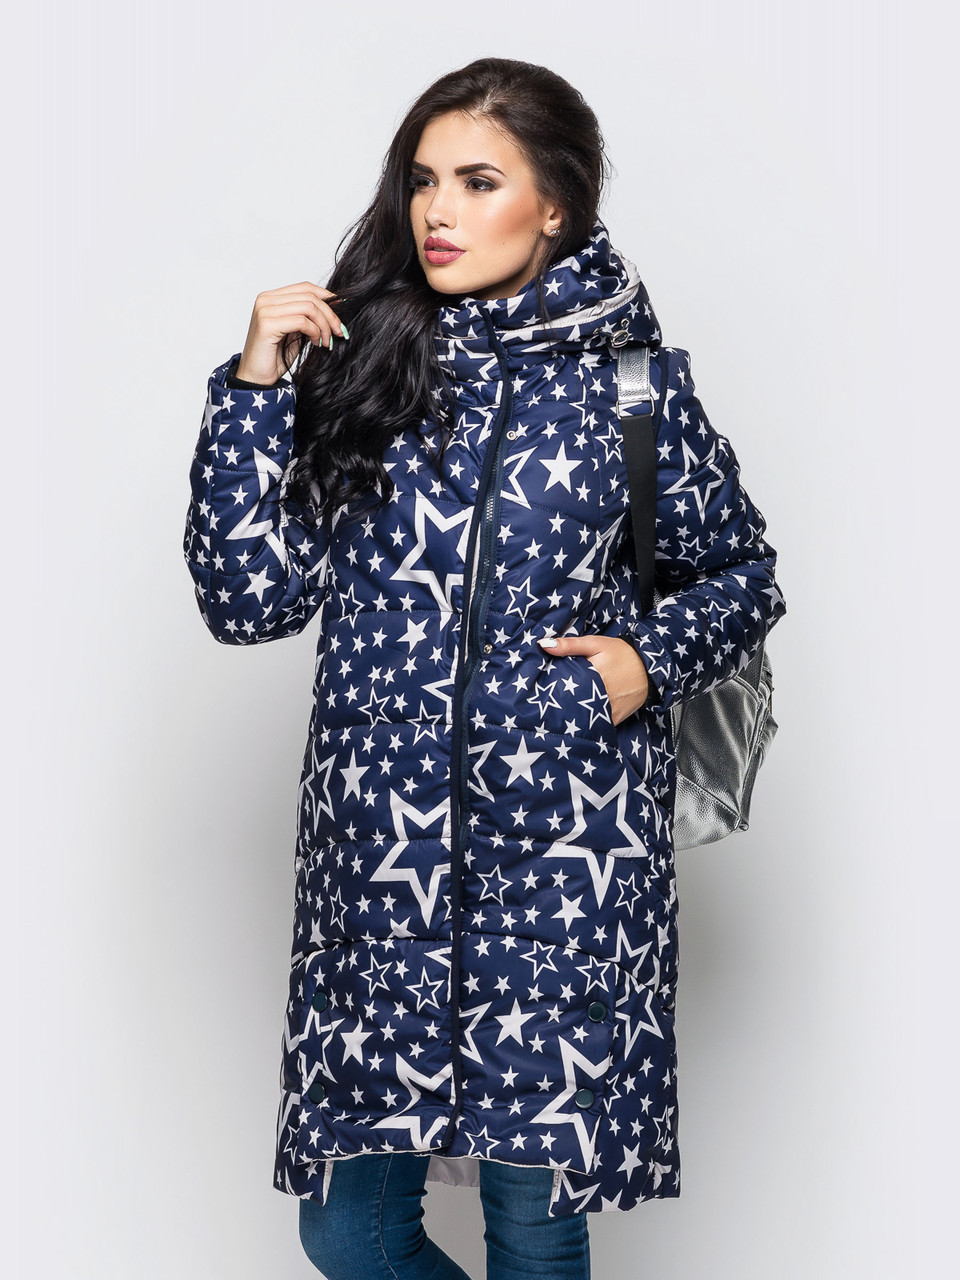 Модная длинная зимняя женская куртка со звездами на силиконе